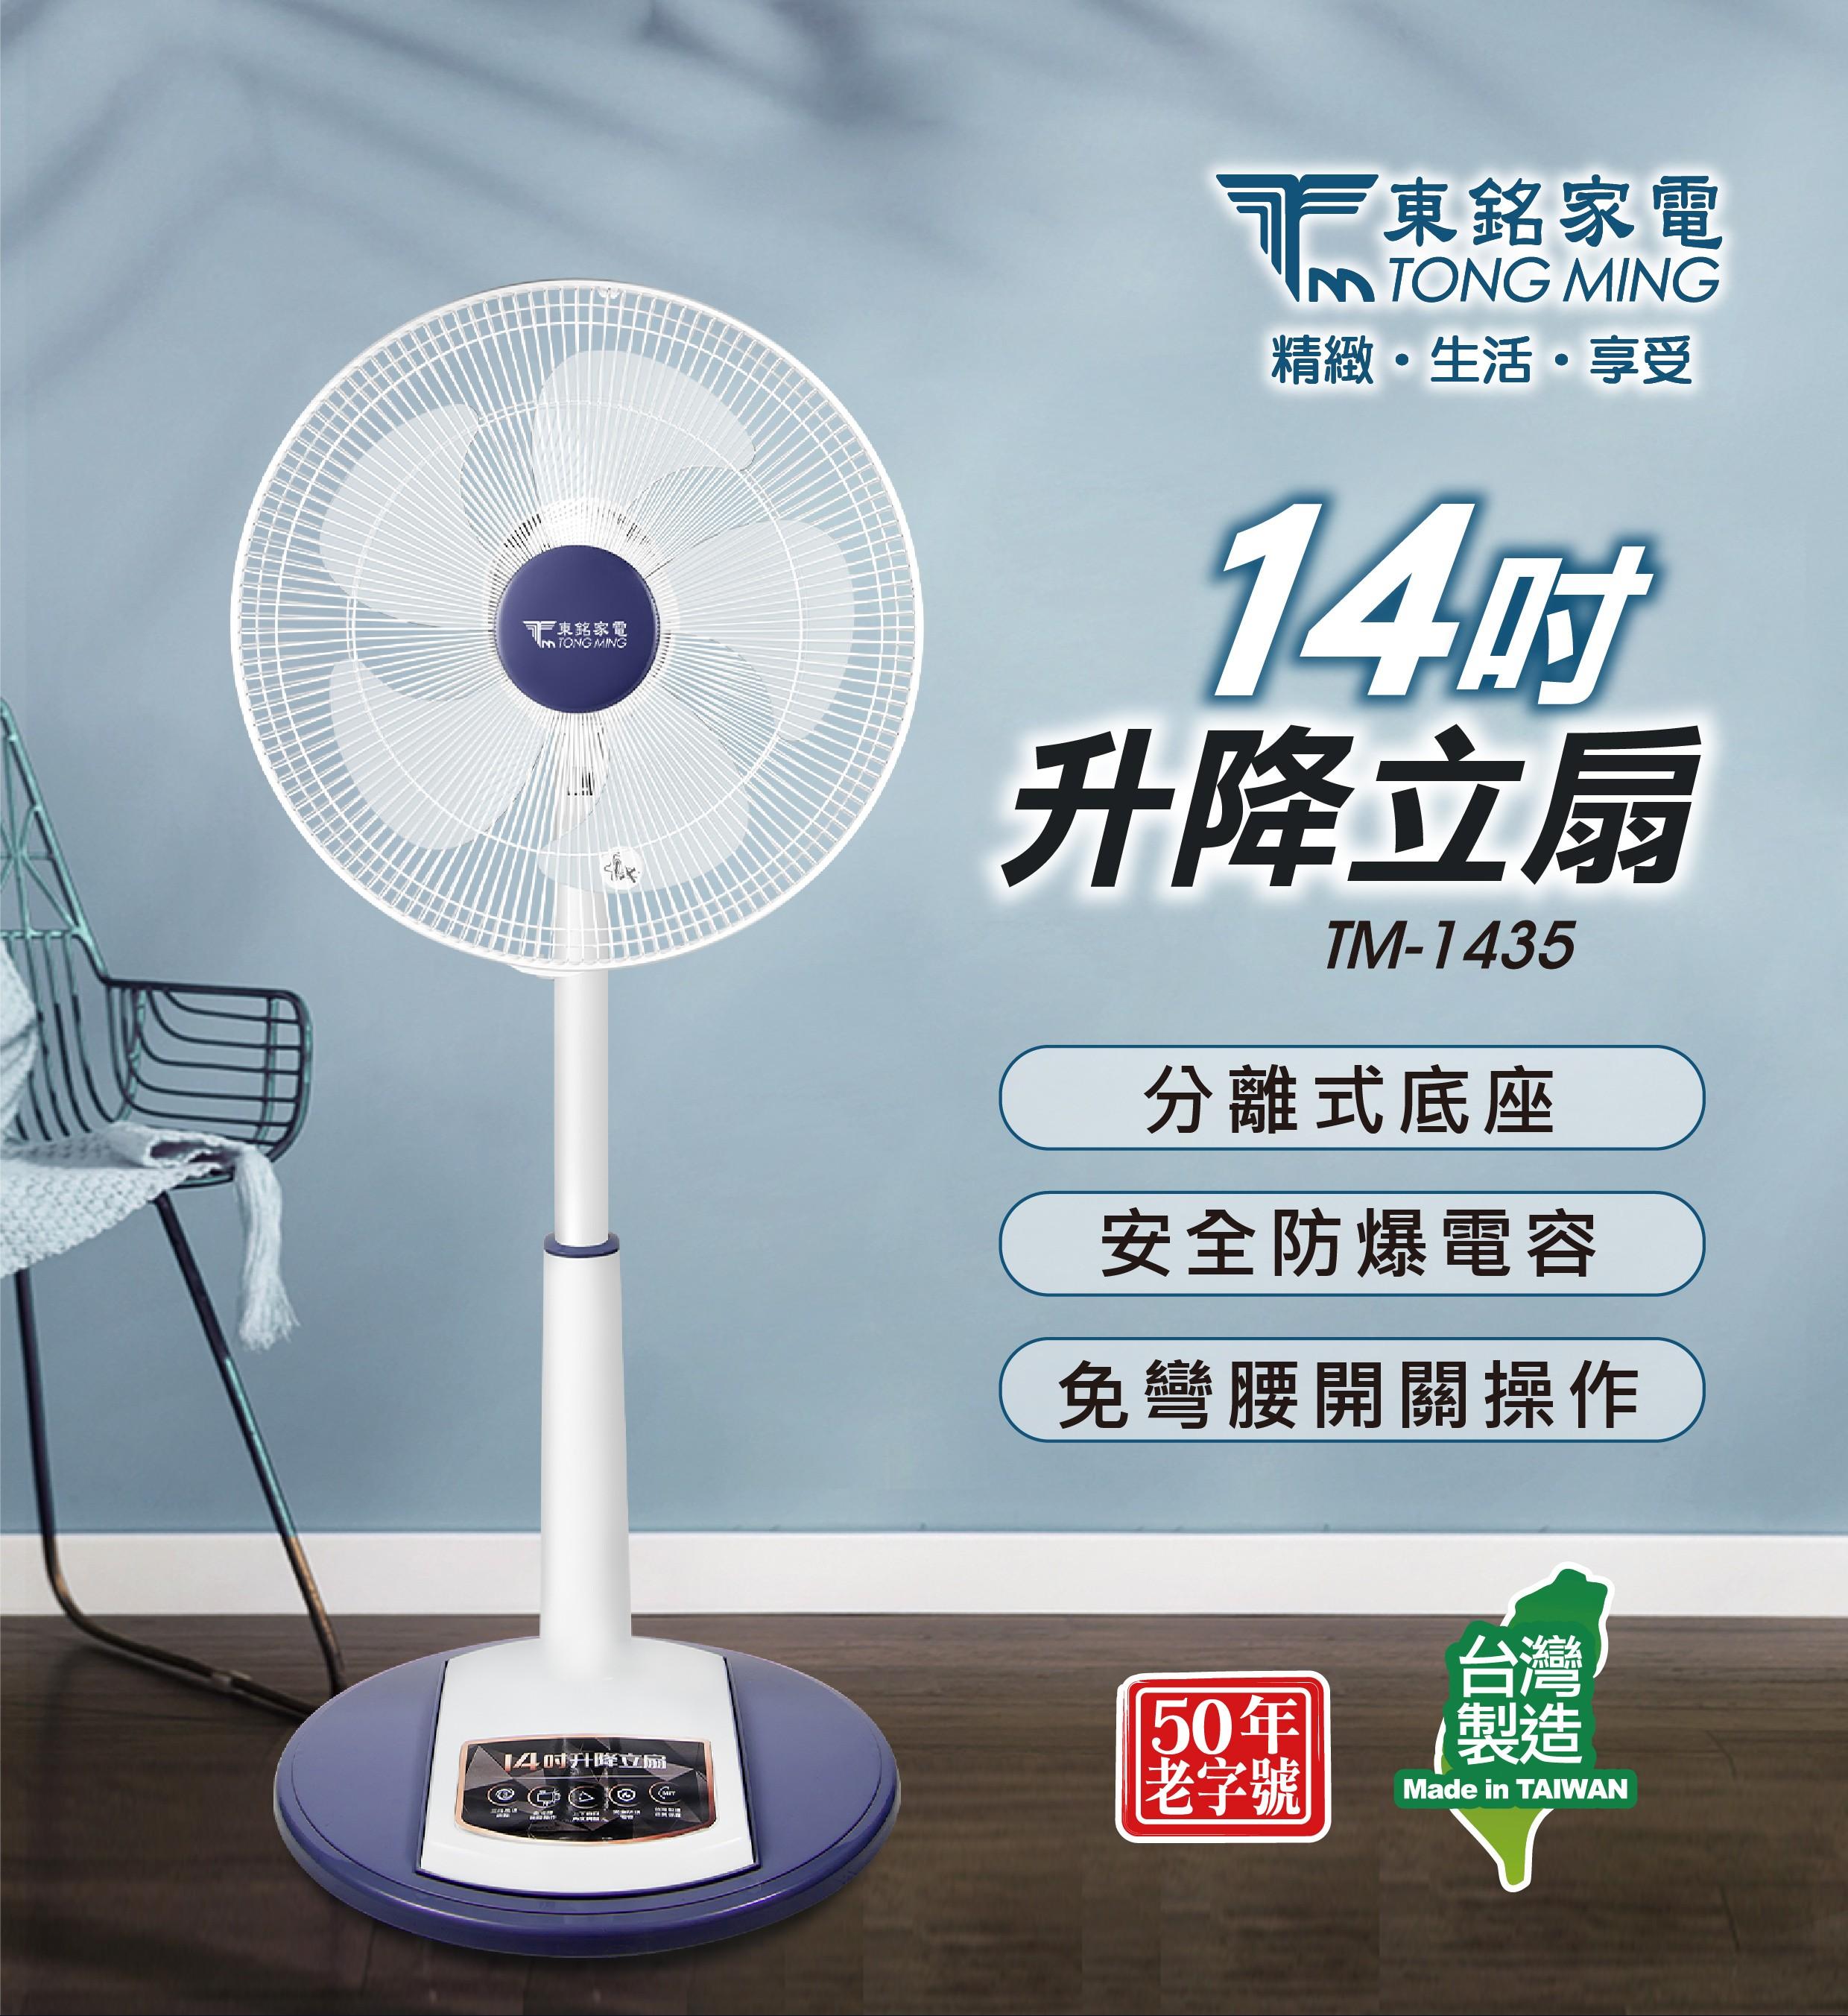 <新品上市>東銘 14吋升降立扇 TM-1435